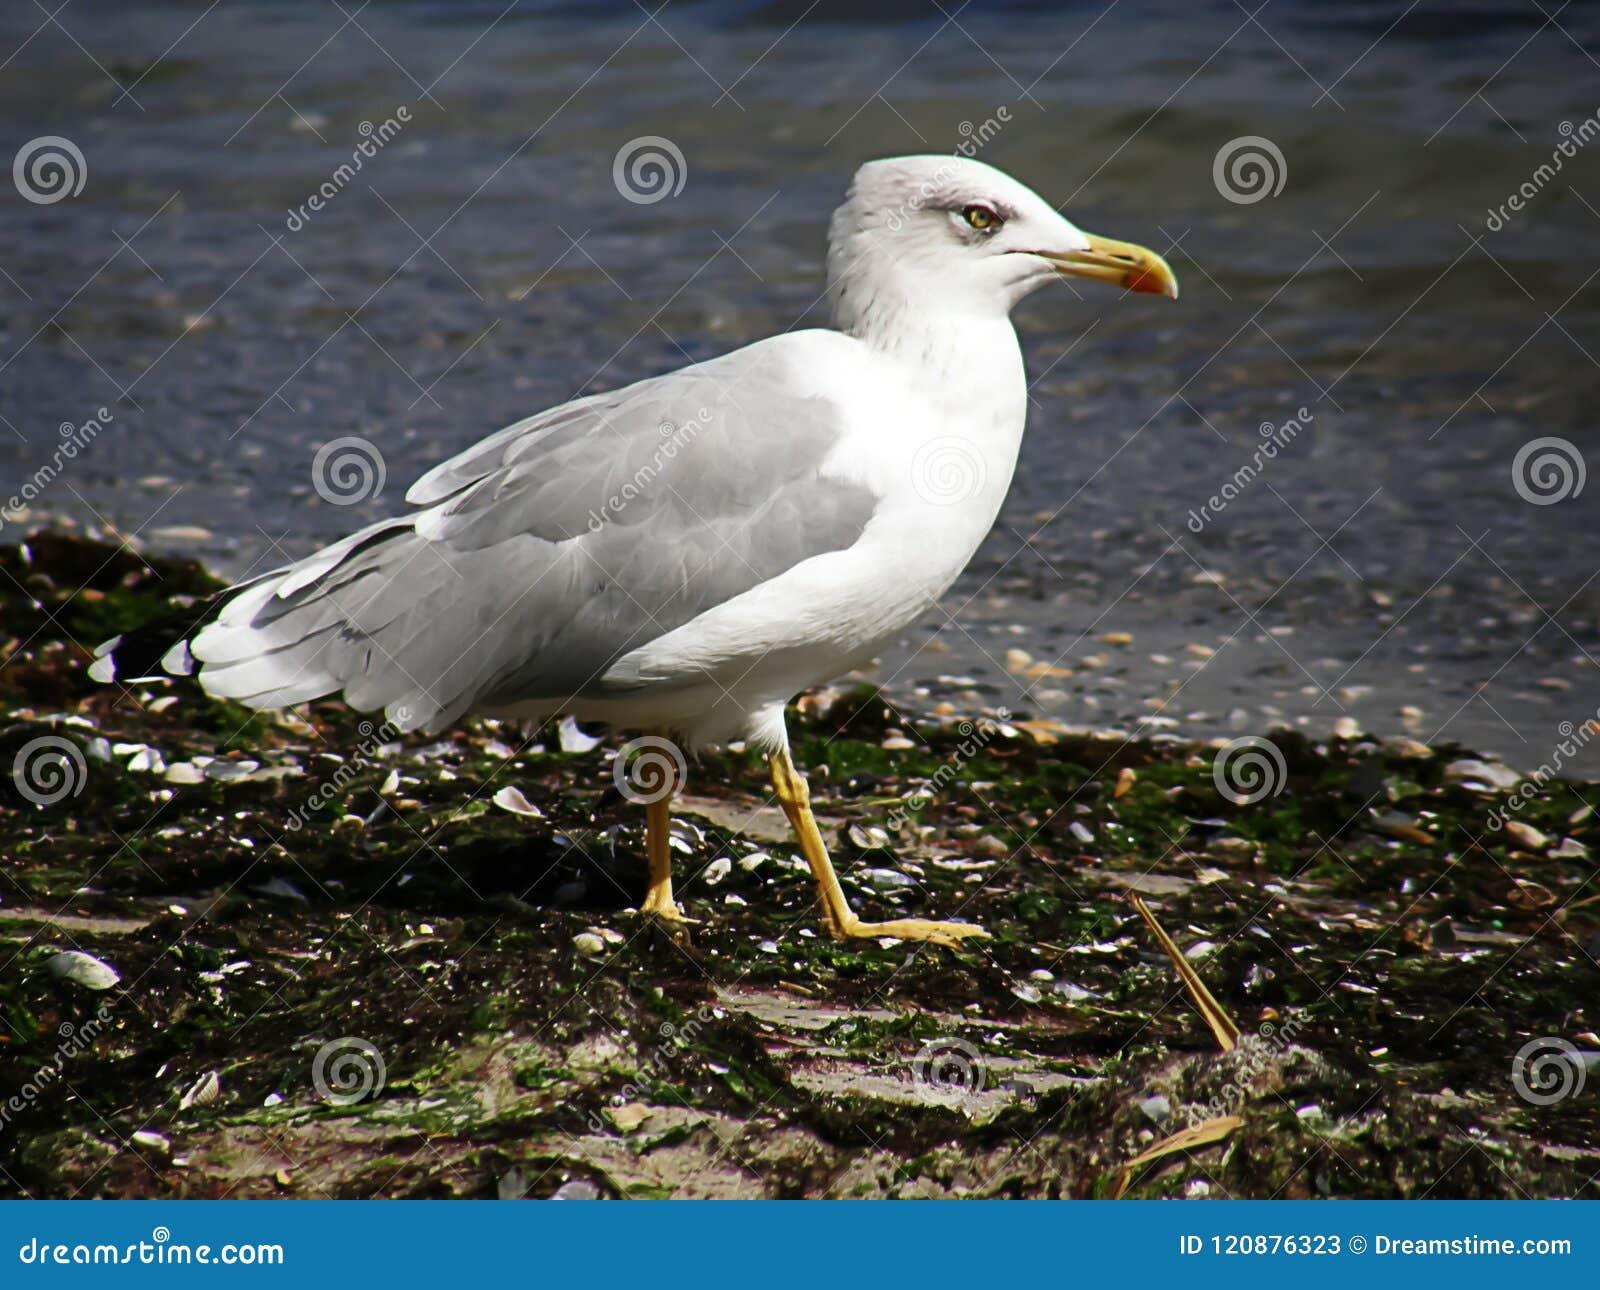 Seagull walking in the black sea